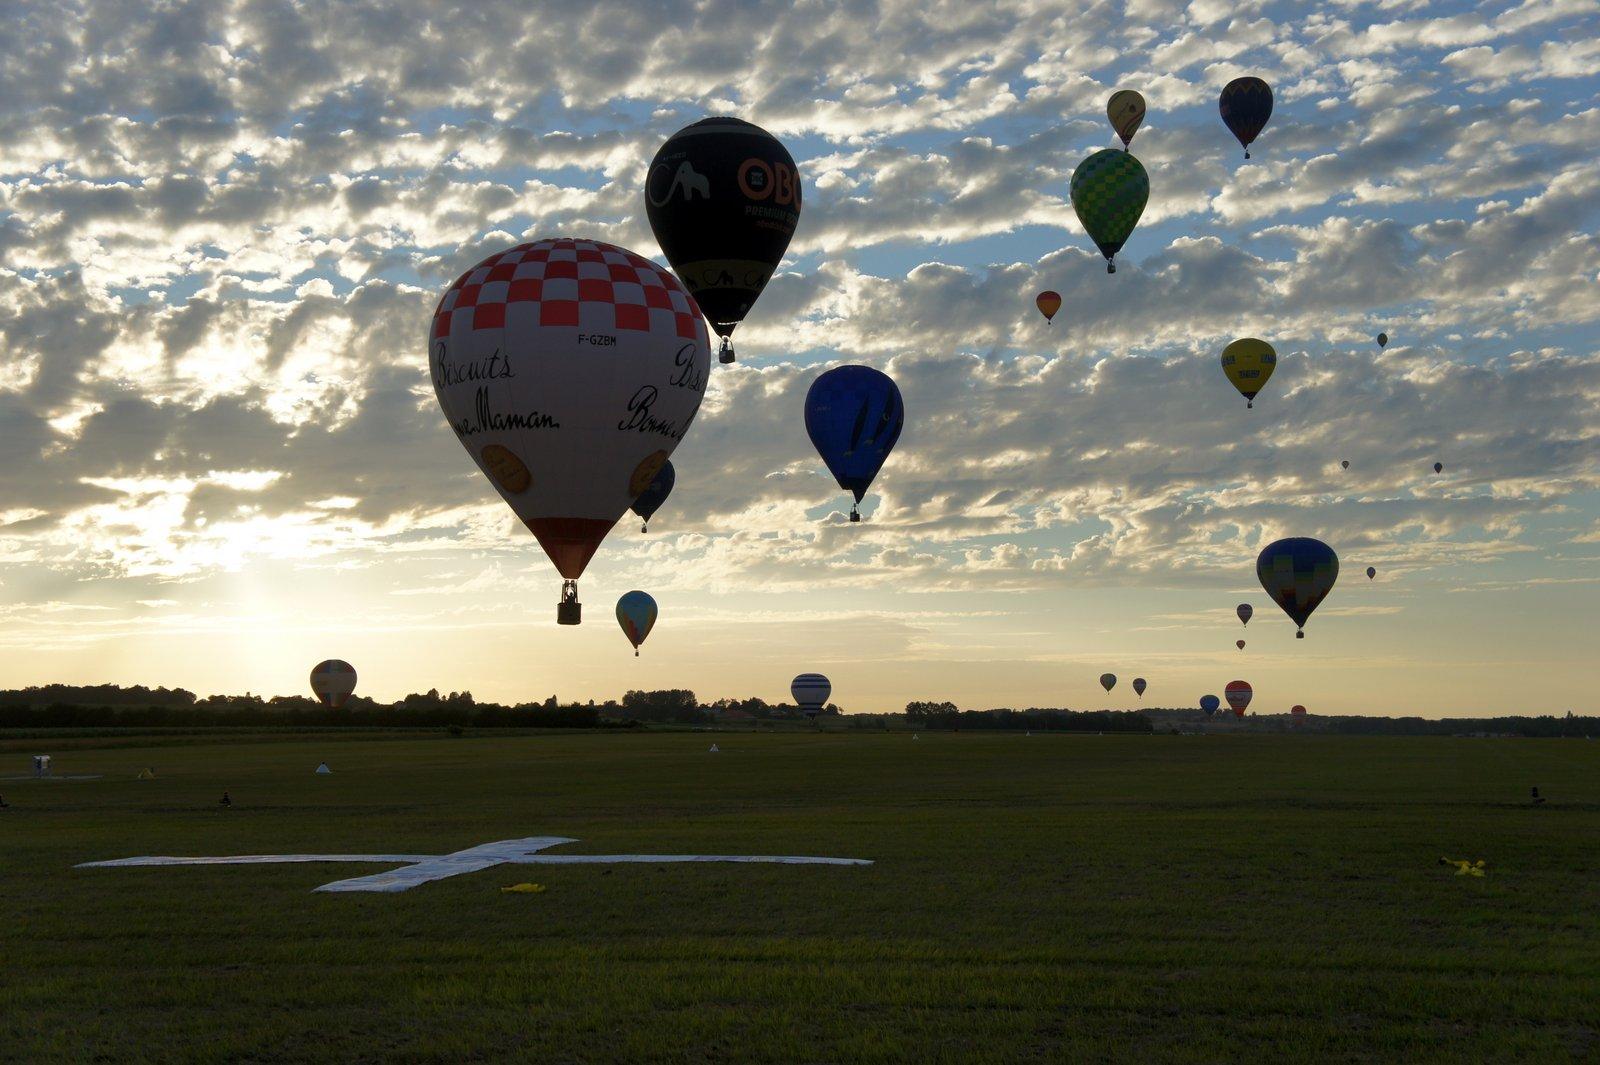 La compétition aérostatique : stratégie et précision d'exécution